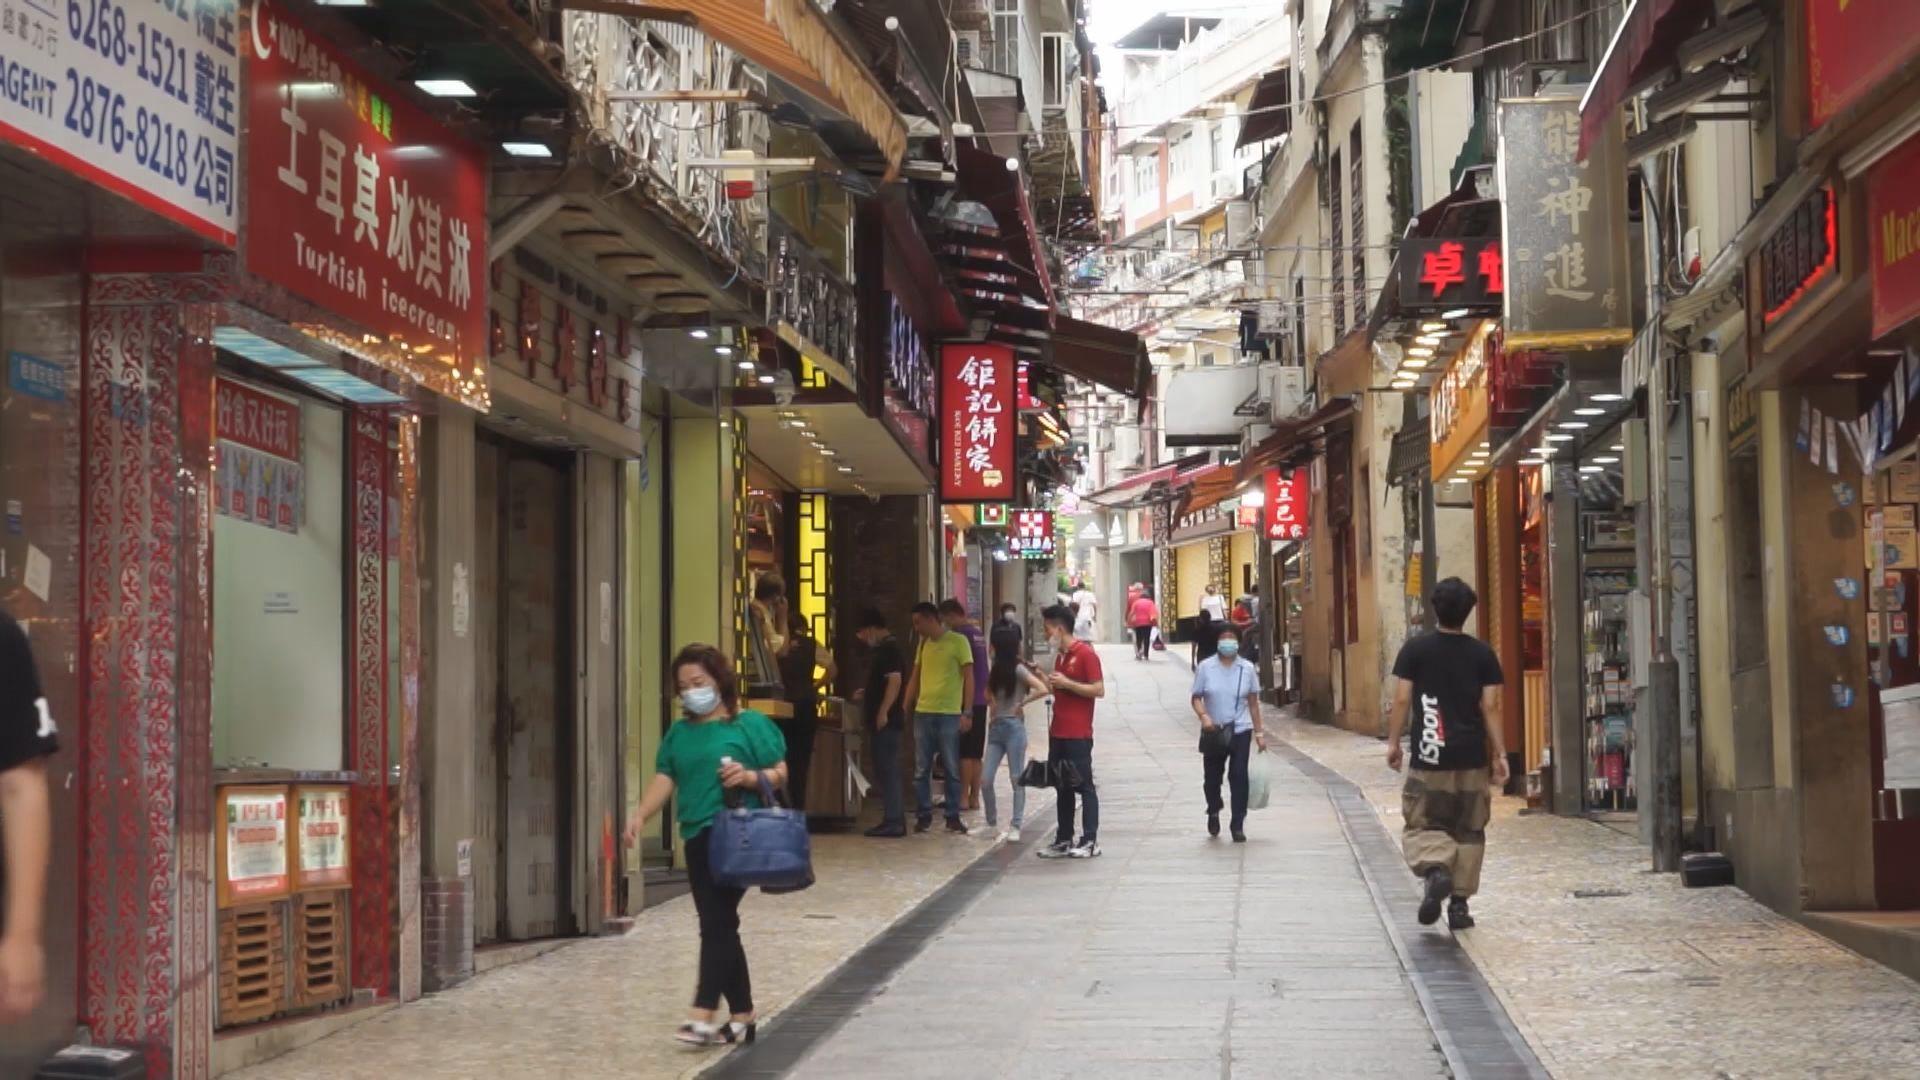 澳門旅遊業界:十一客源以廣東省為主 料每日三萬人次